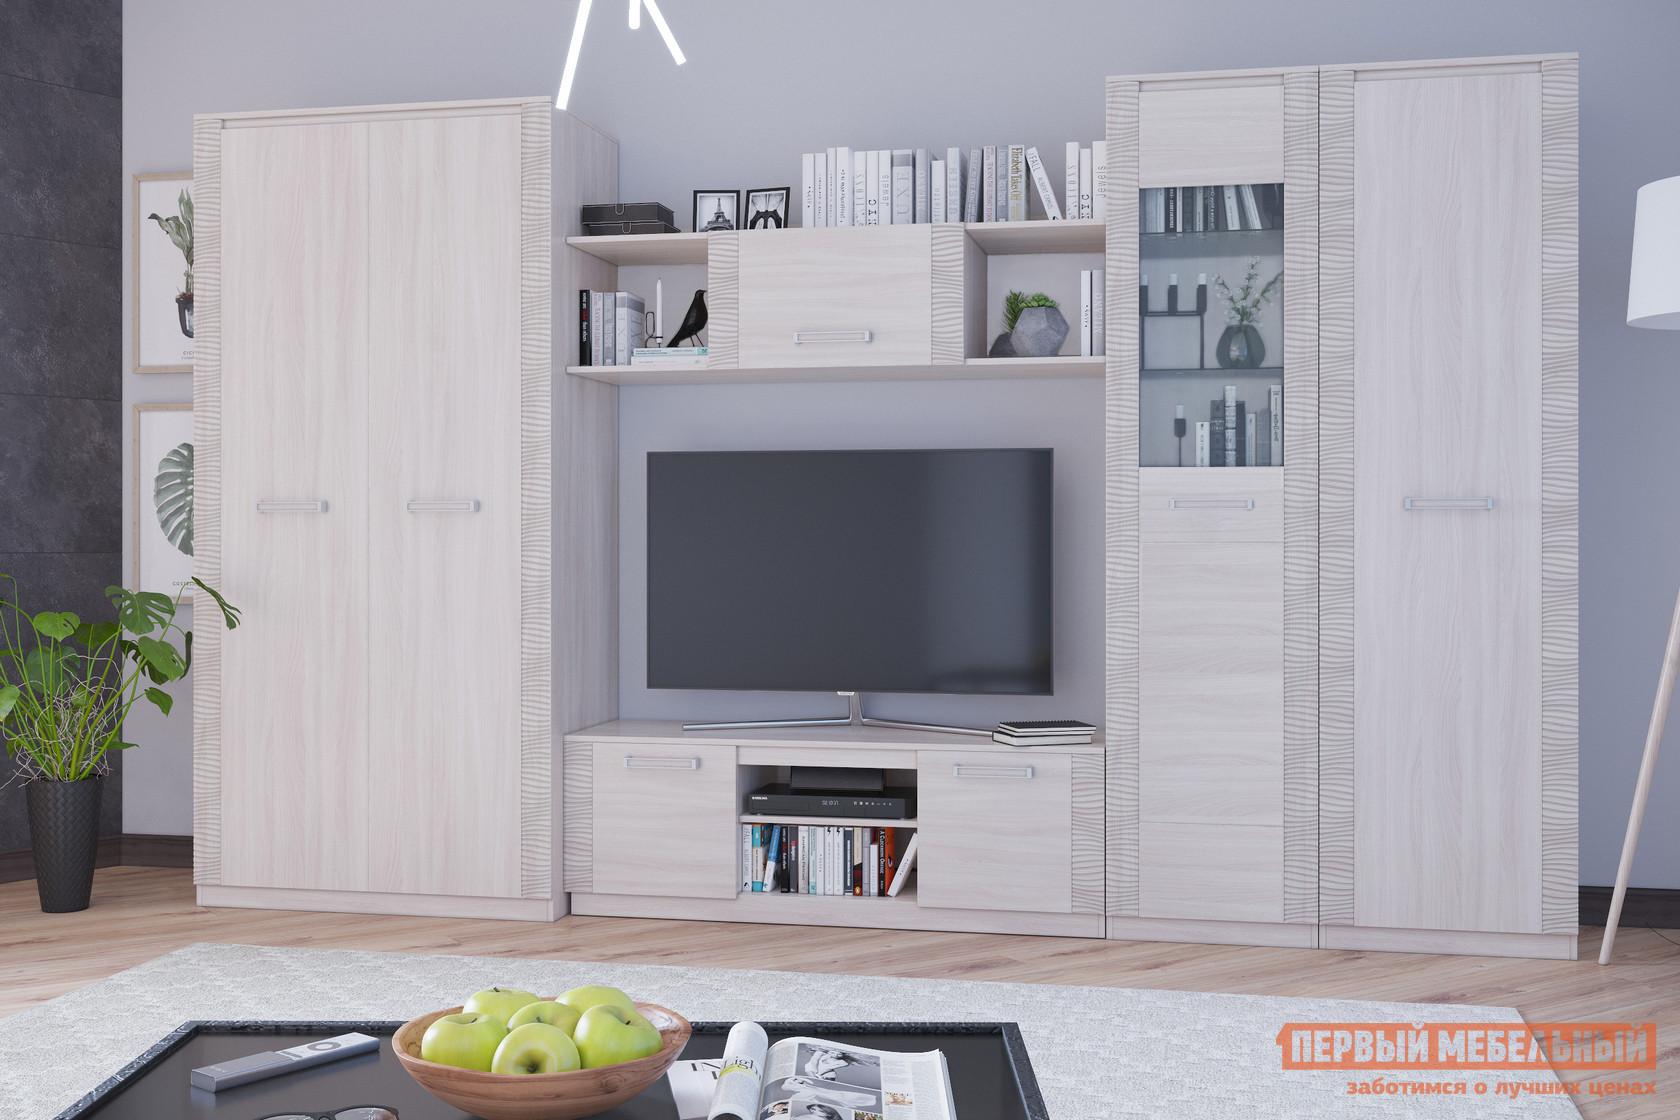 Гостиная Первый Мебельный Гостиная Элегия 5 гостиная первый мебельный гостиная элегия 5